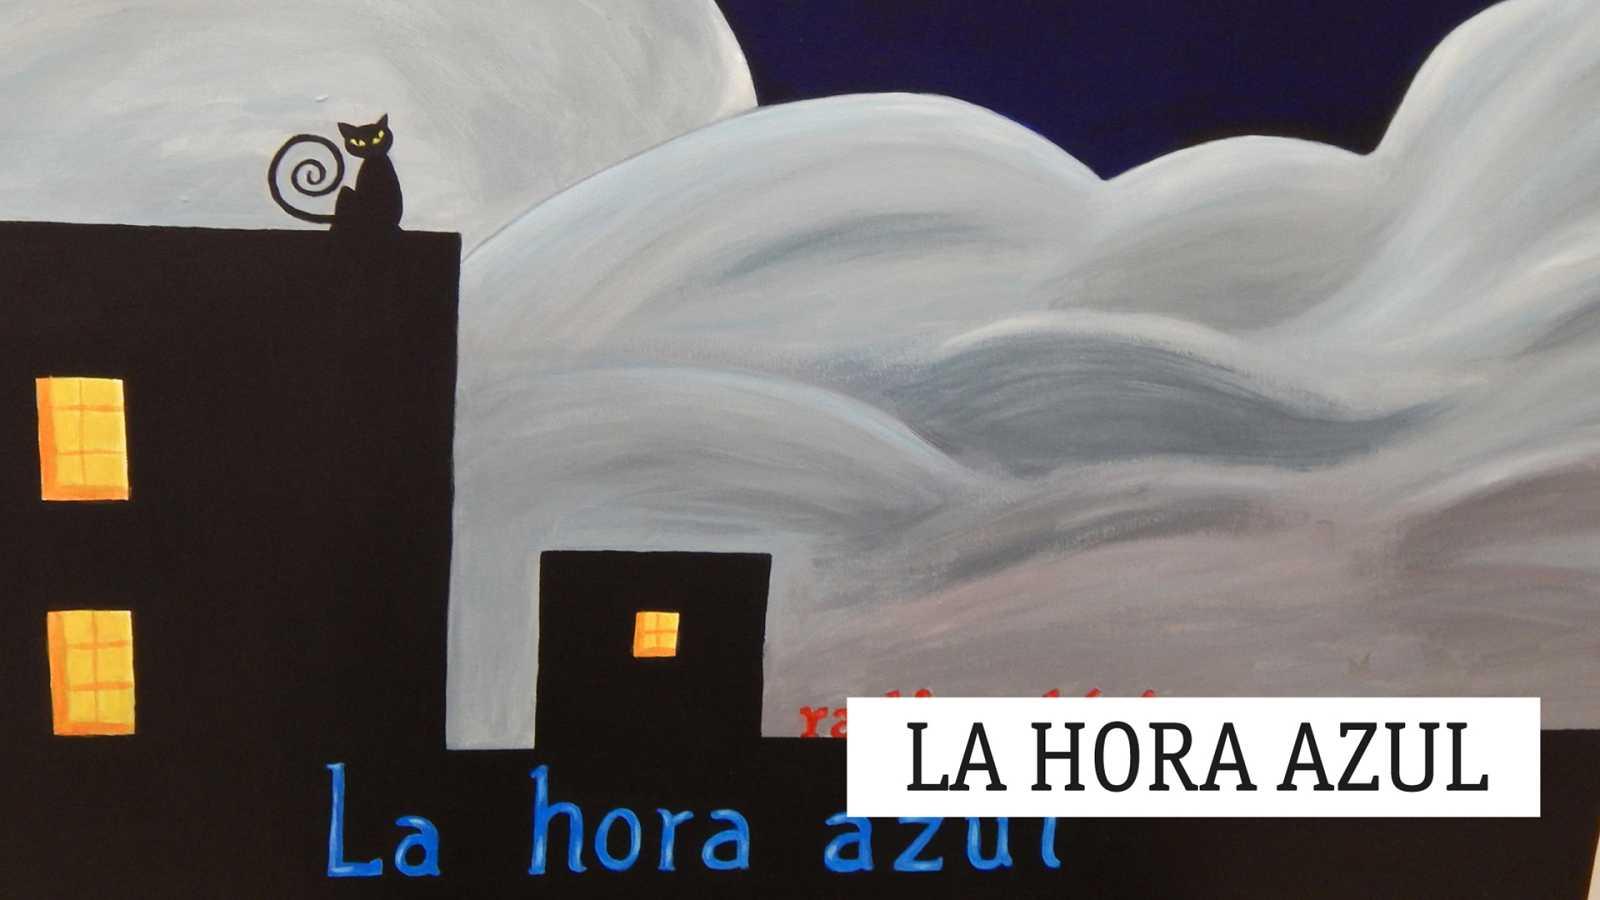 La hora azul - Violines y Carmen - 13/11/20 - escuchar ahora